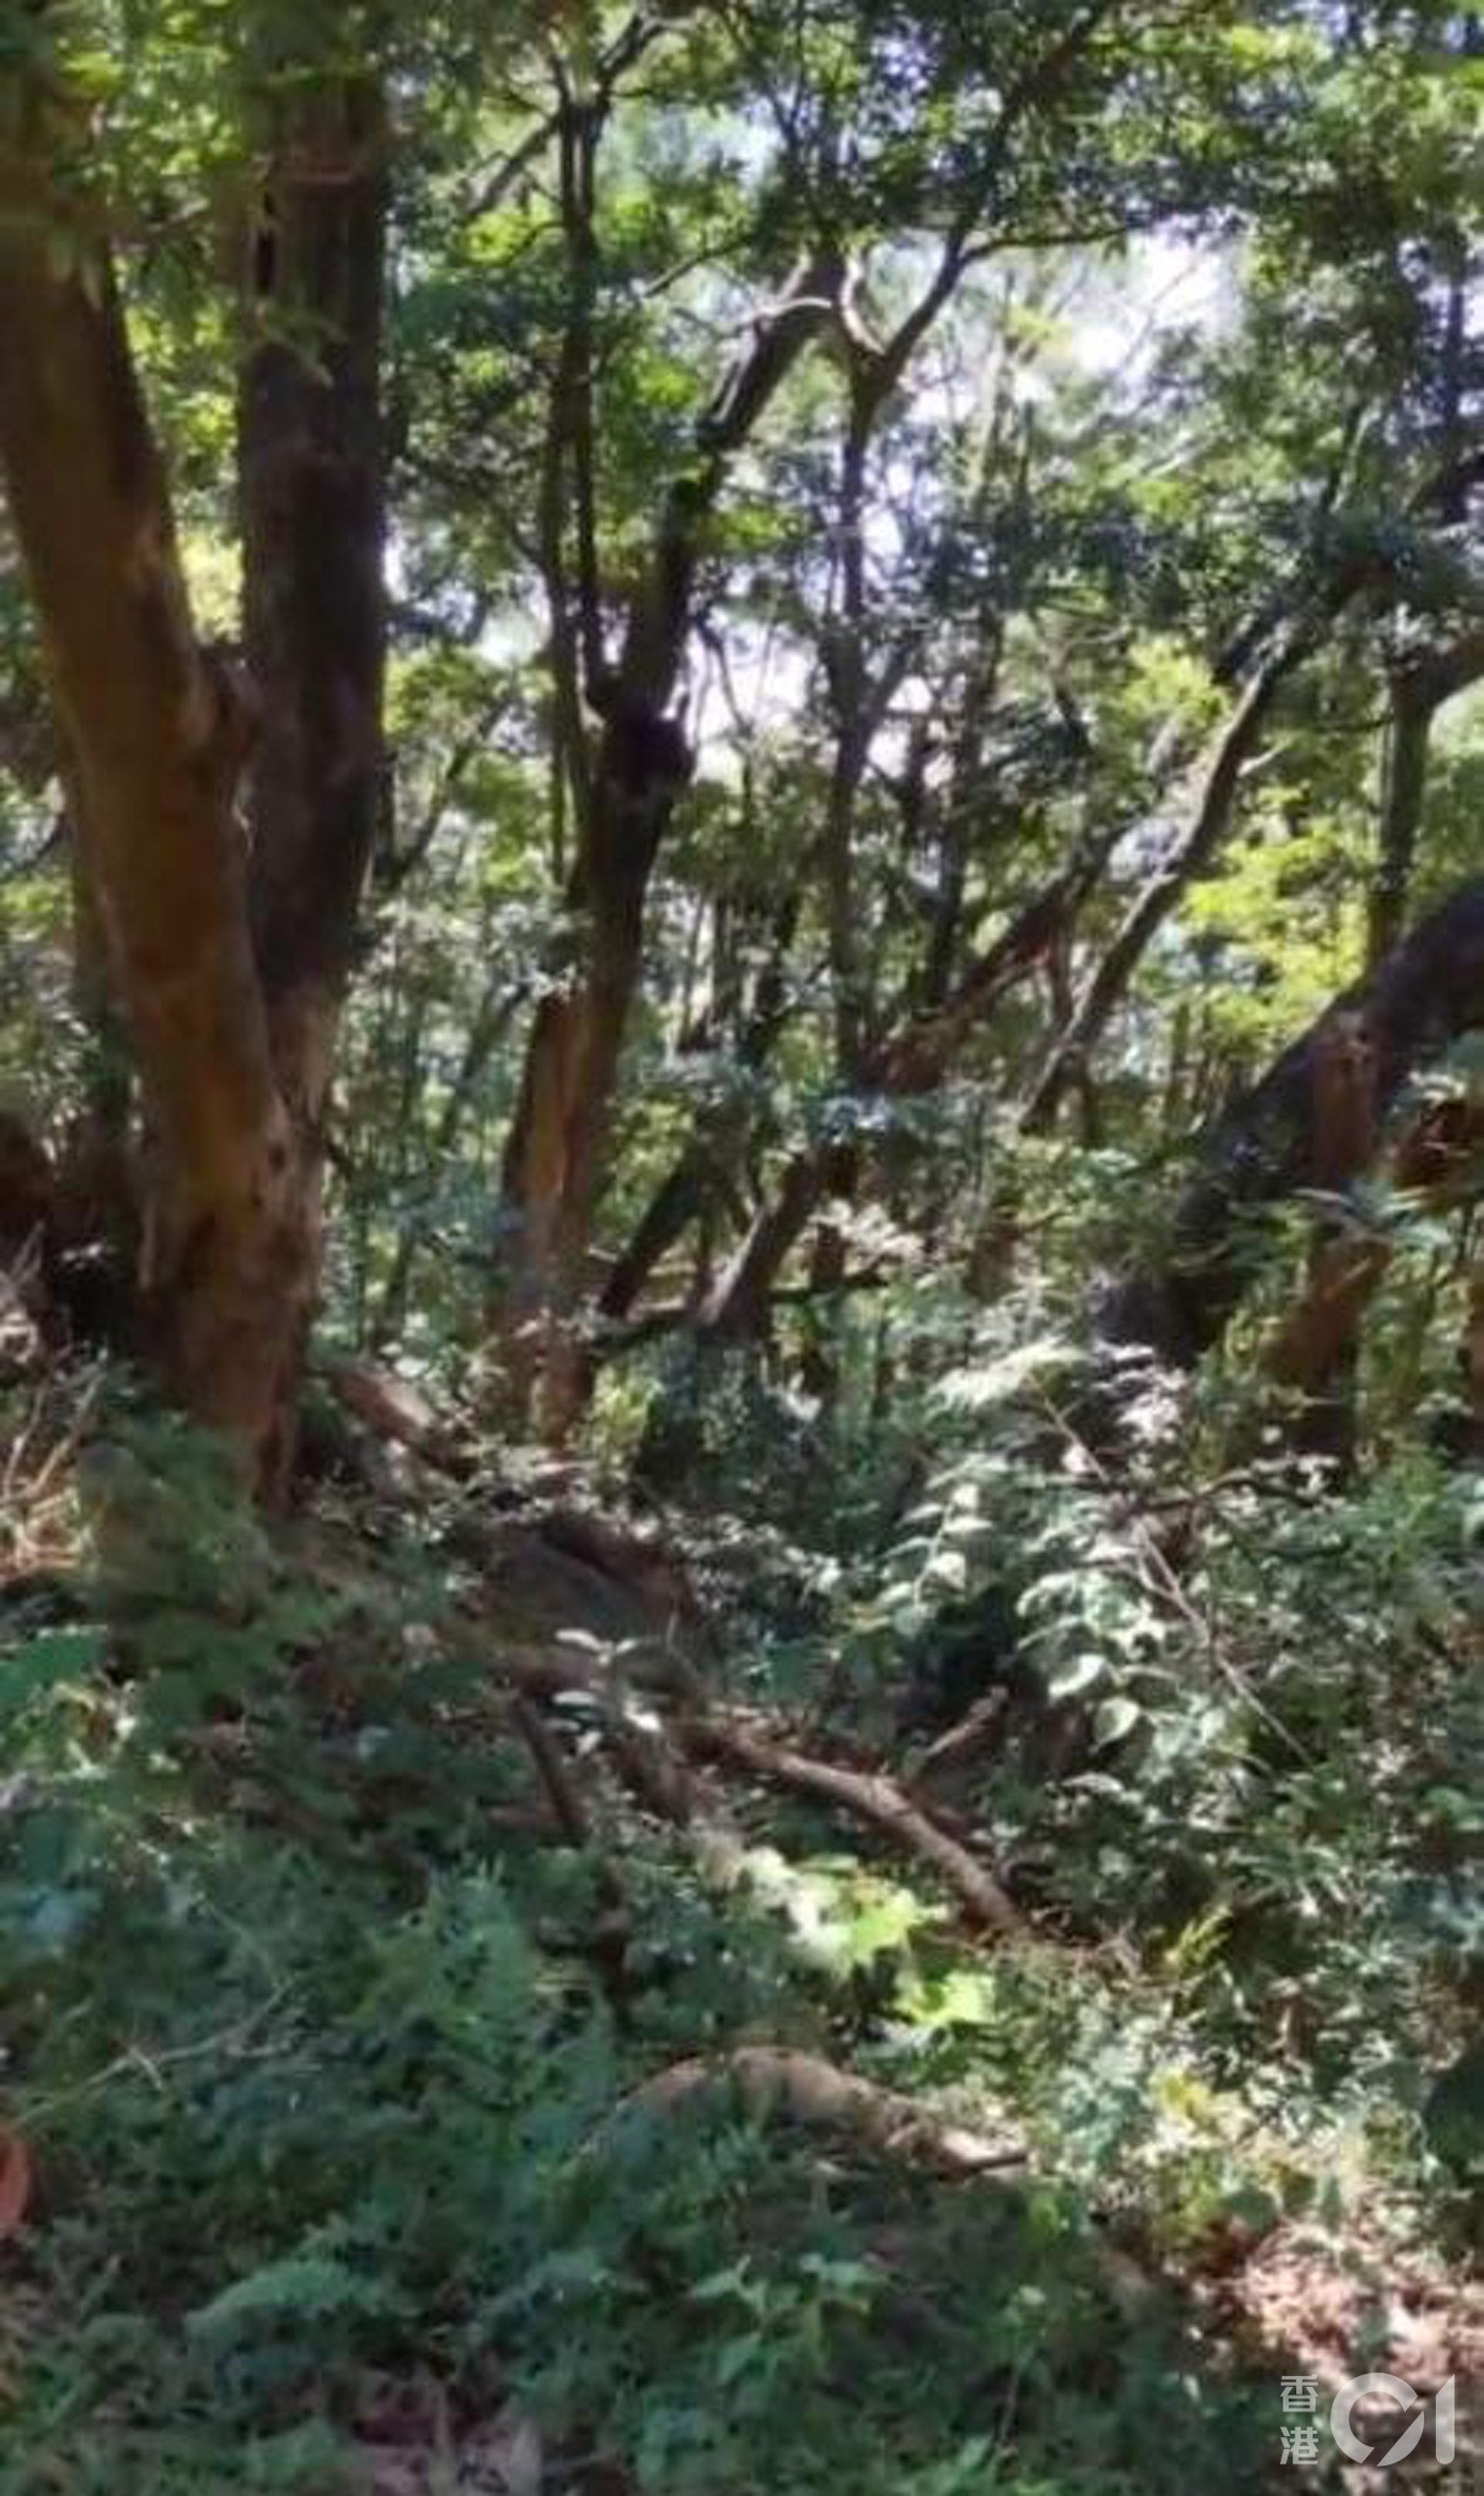 沿途被大樹包圍,只聽在風吹下發出的沙沙聲,令我想起一個人走在濟州的樹林之中,有一點點害怕,卻又特別寫意。(李琬瑩攝)